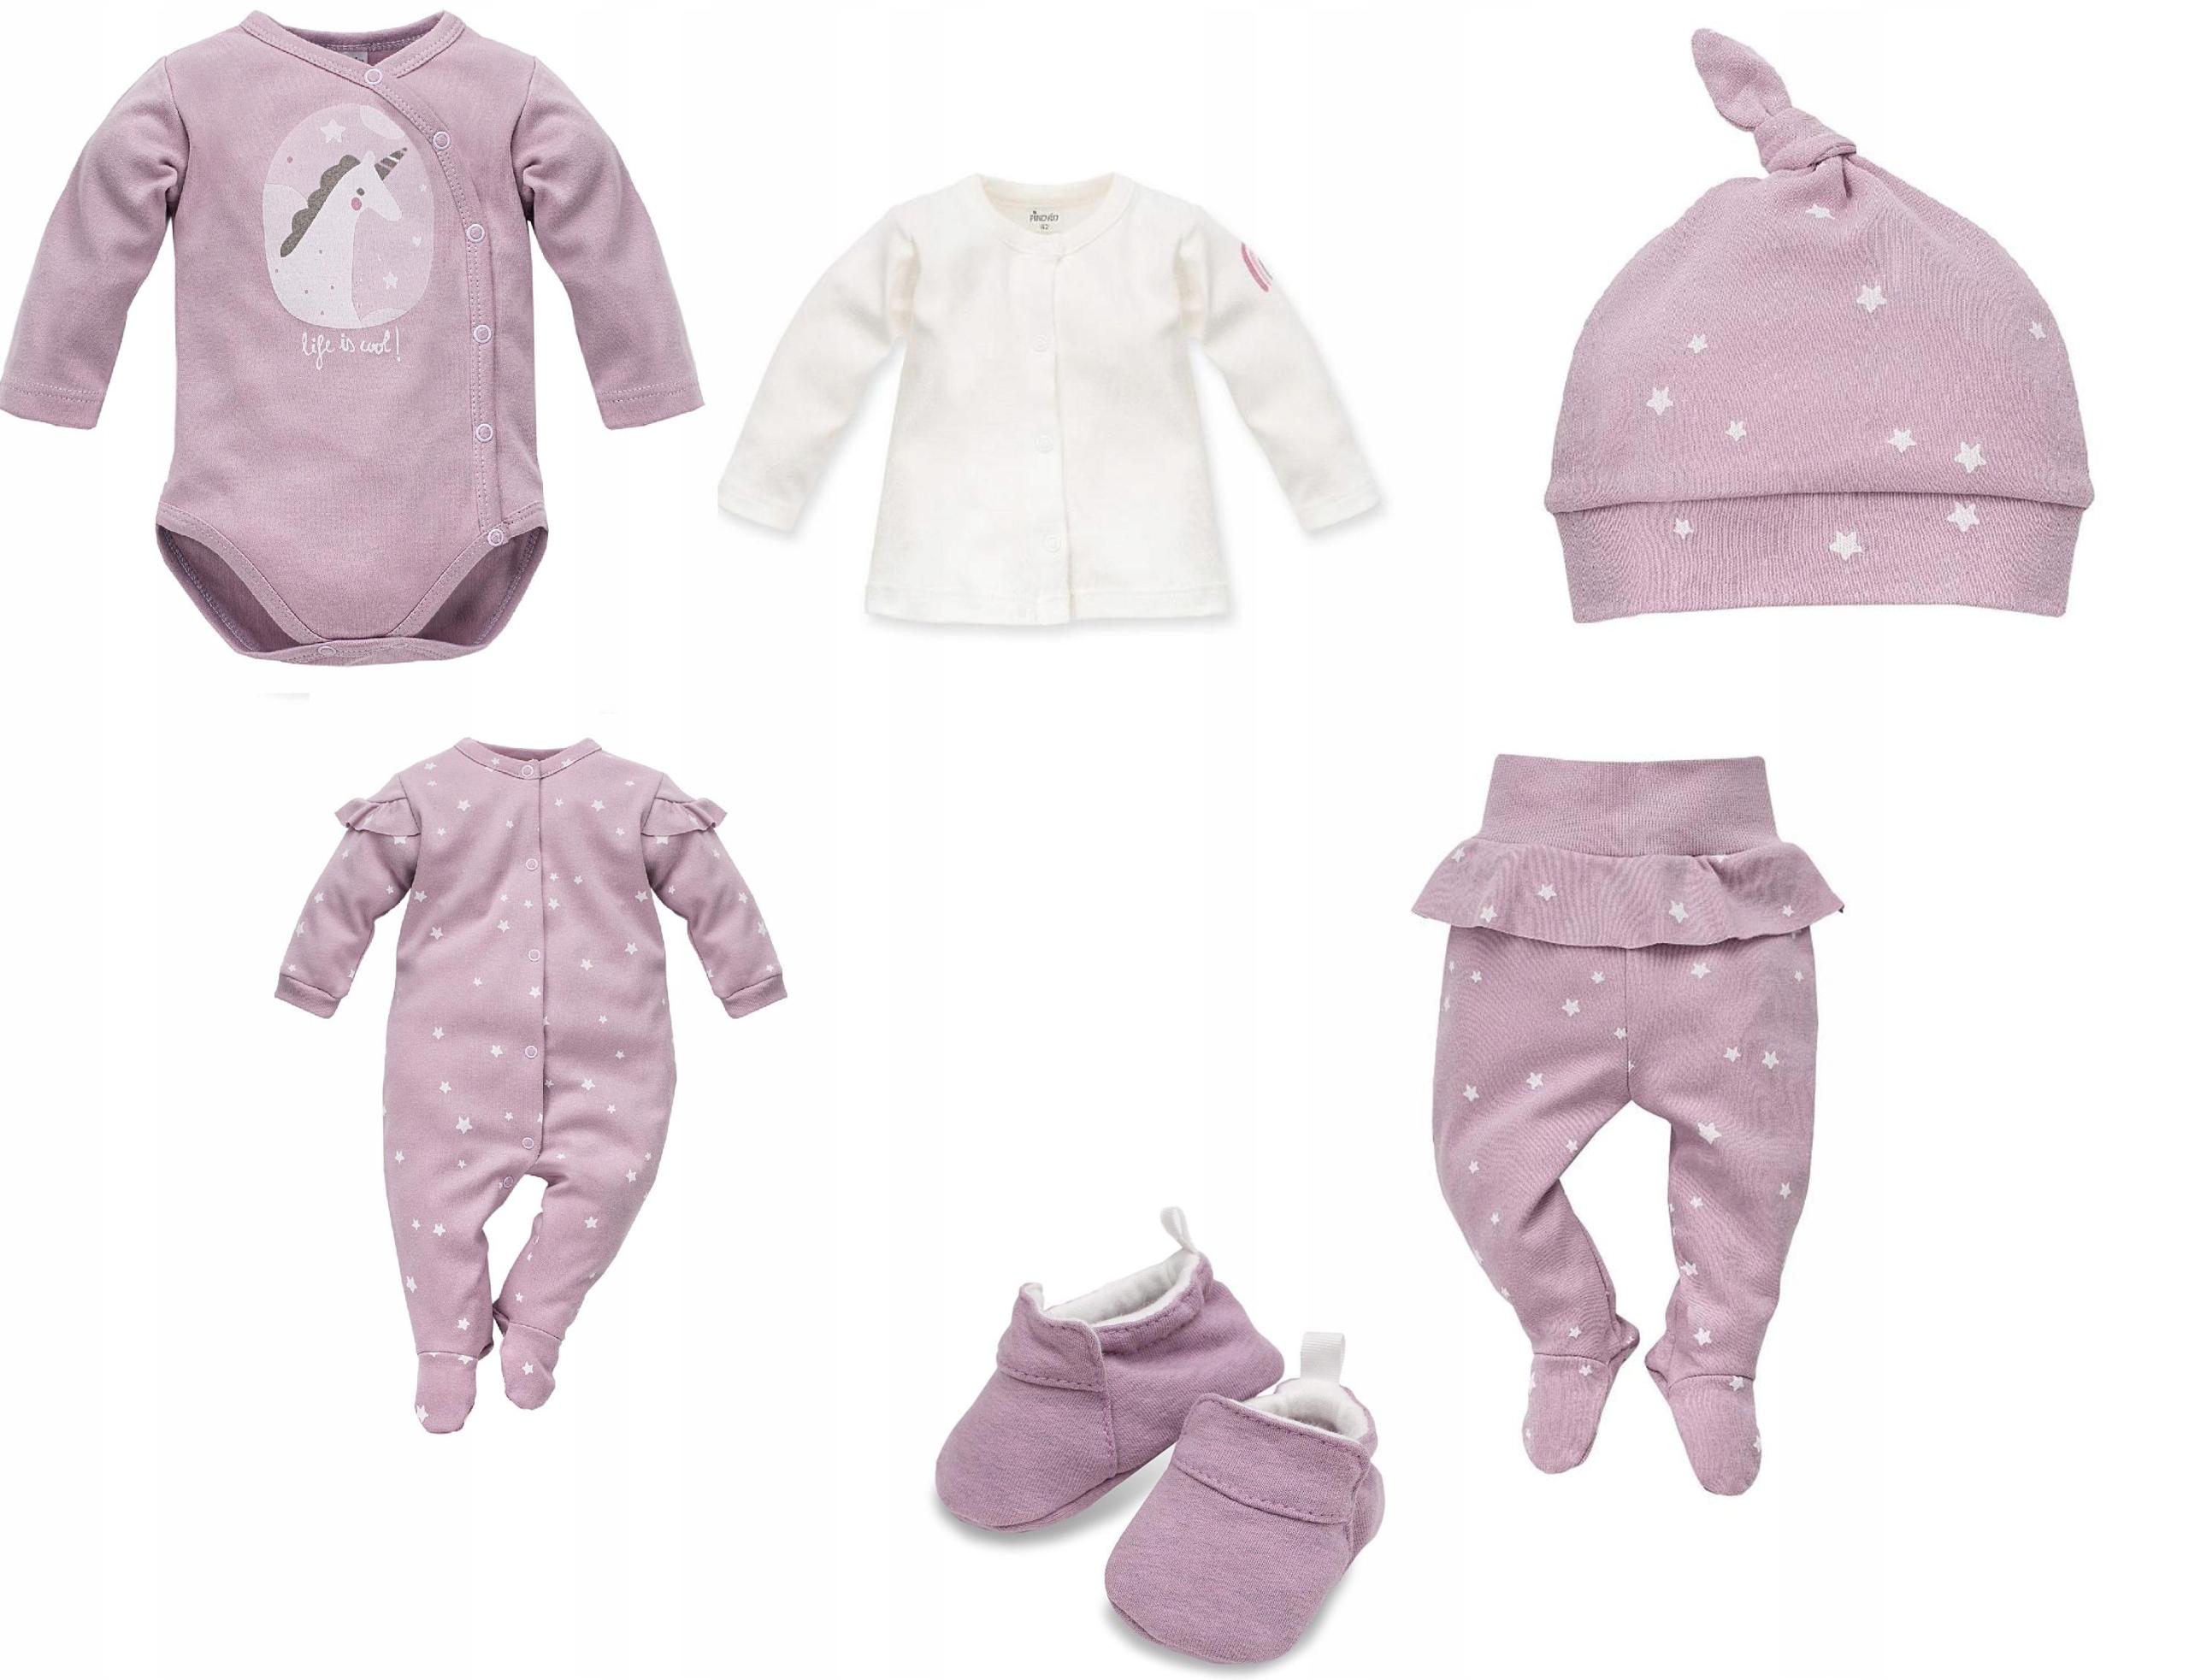 8f0702affd Zestaw ubranek wyprawka dla niemowlaka Unicorn r62 - 7623915109 ...